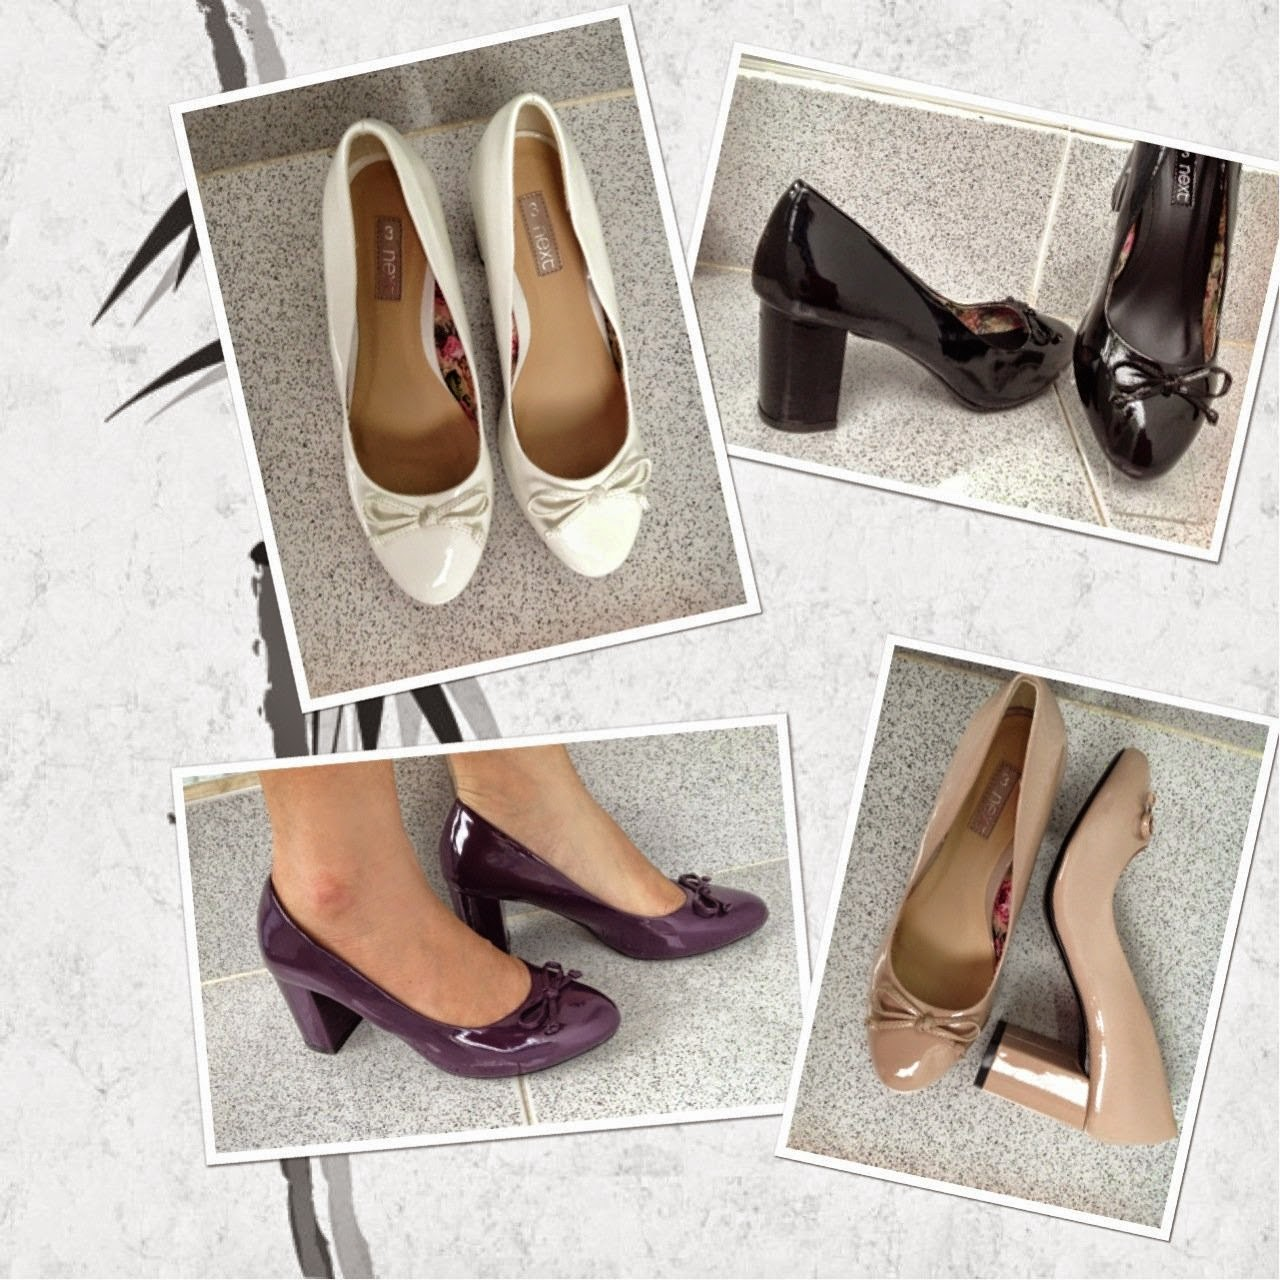 Đại lý phân phối giày nữ VNXK tại HN